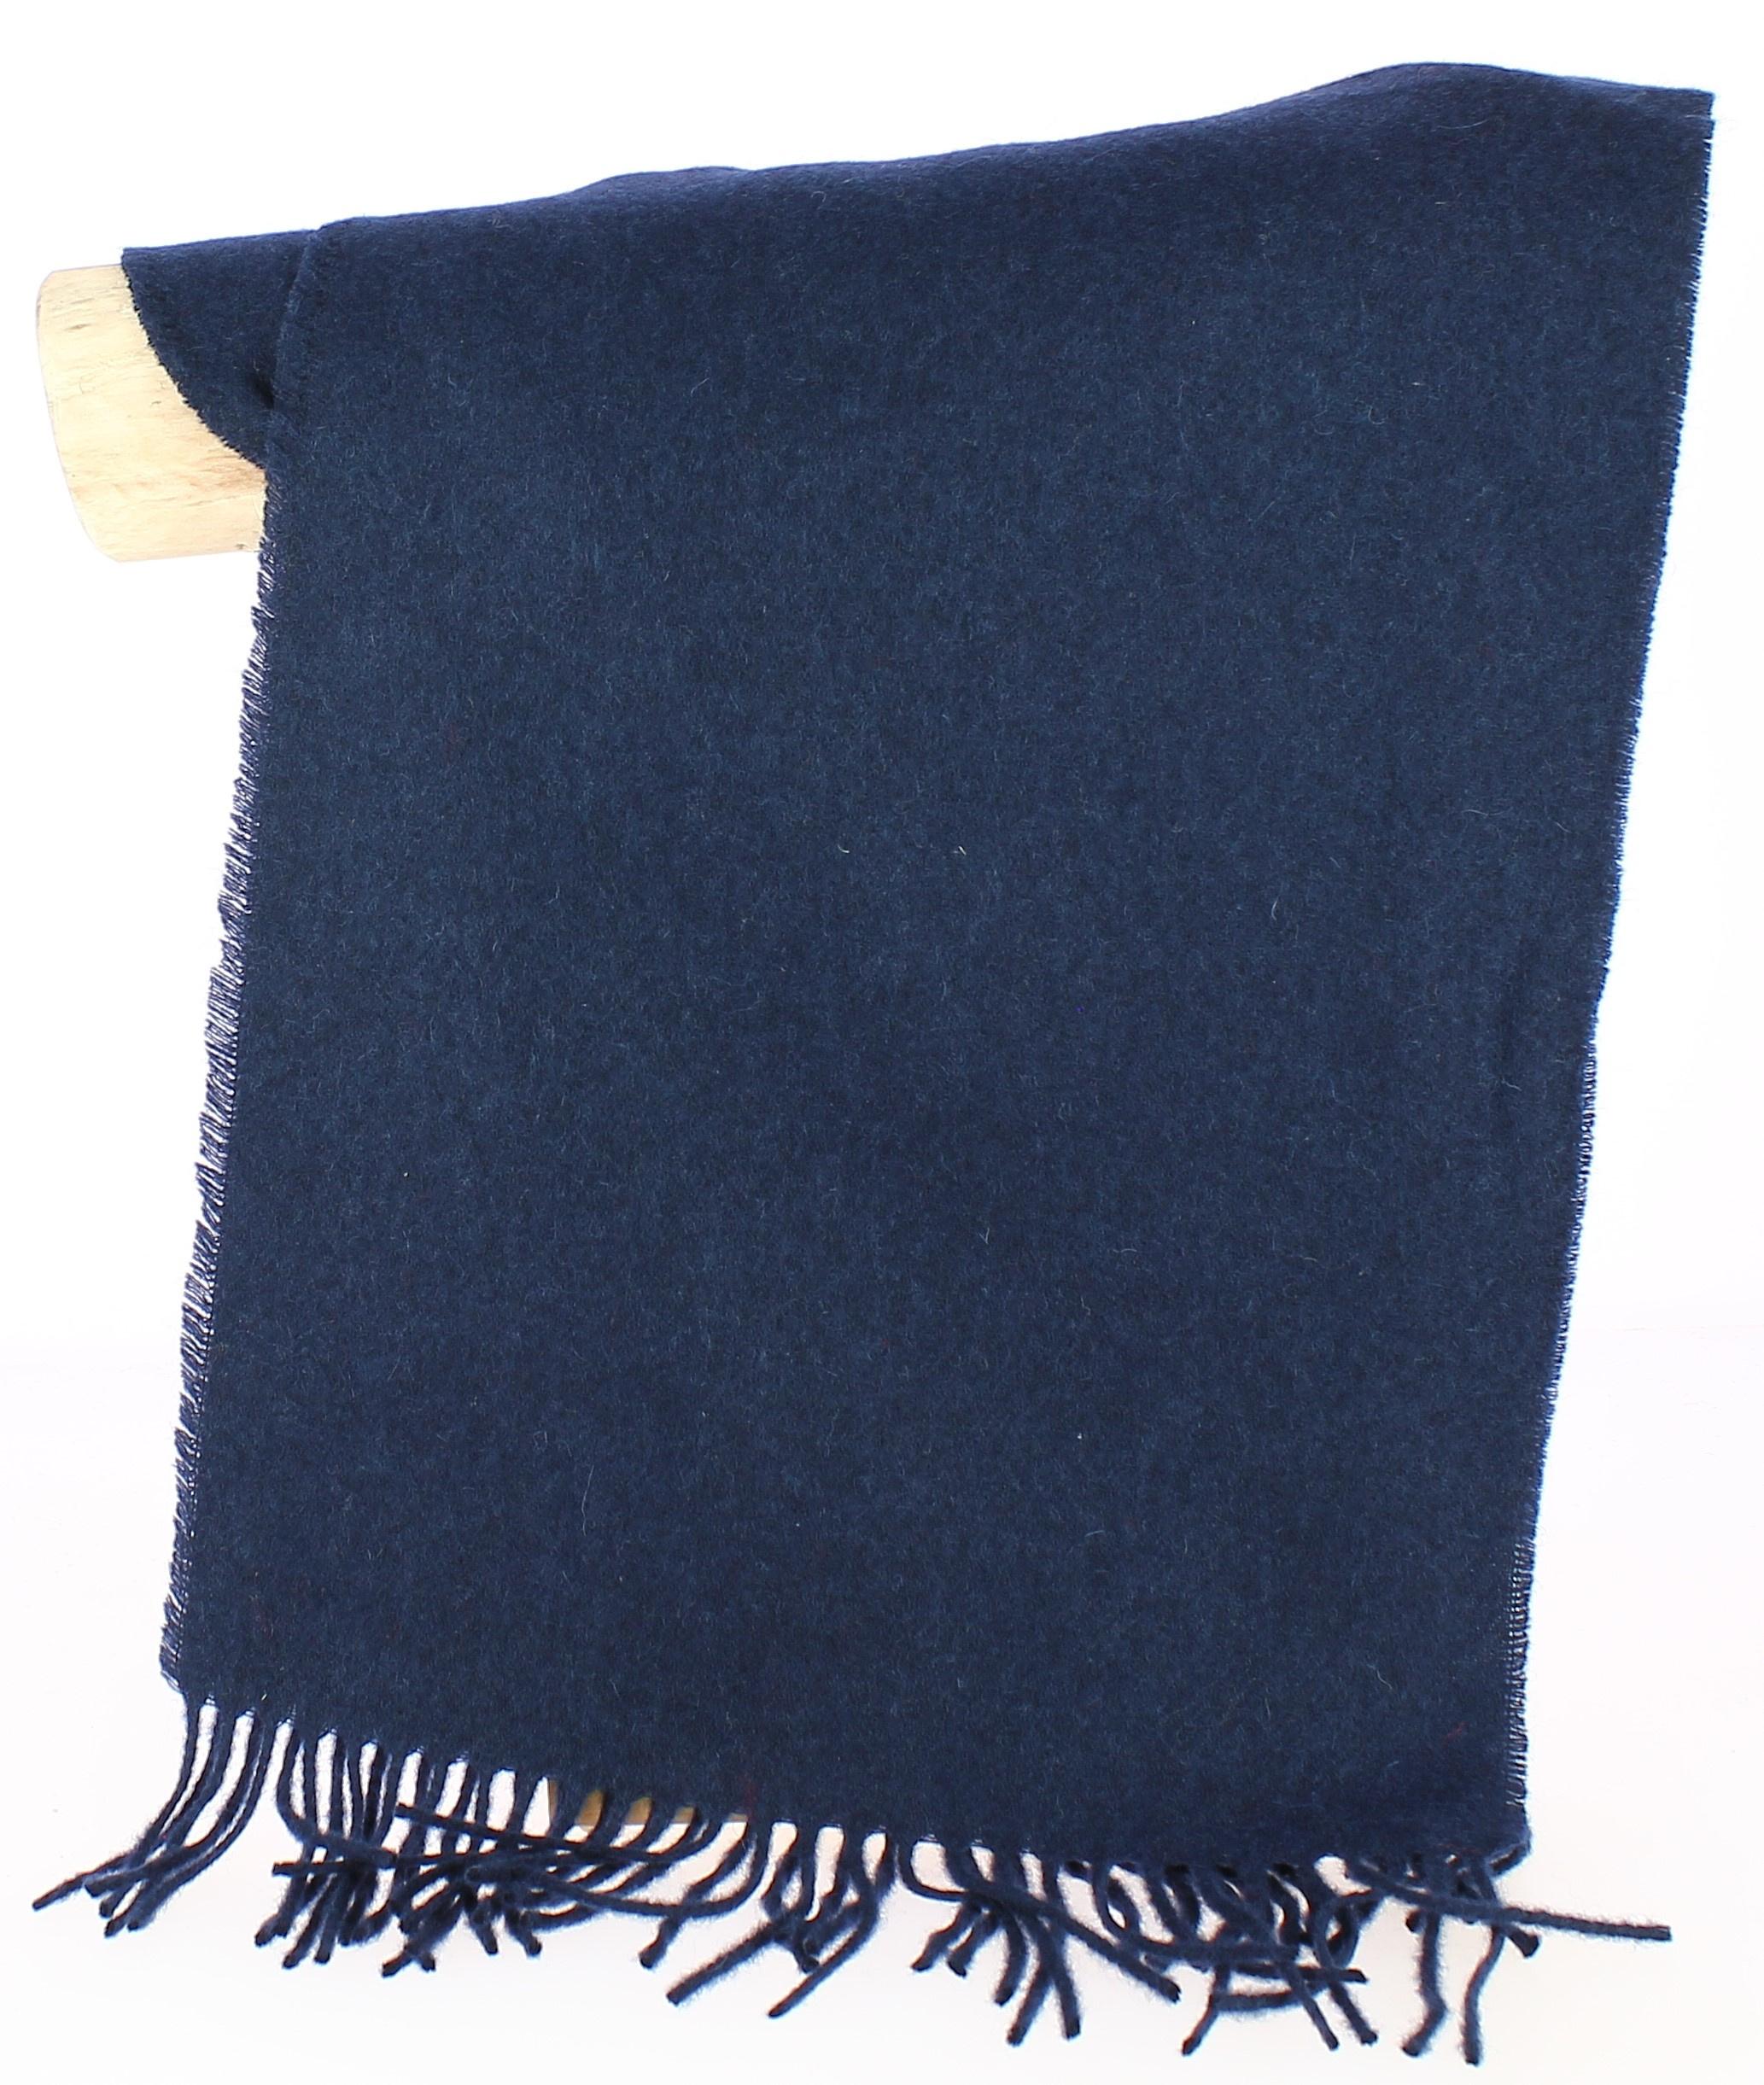 eb65c6f133f https   www.chapellerie-traclet.com fr bonnet 3202-bonnet-a-pompon ...